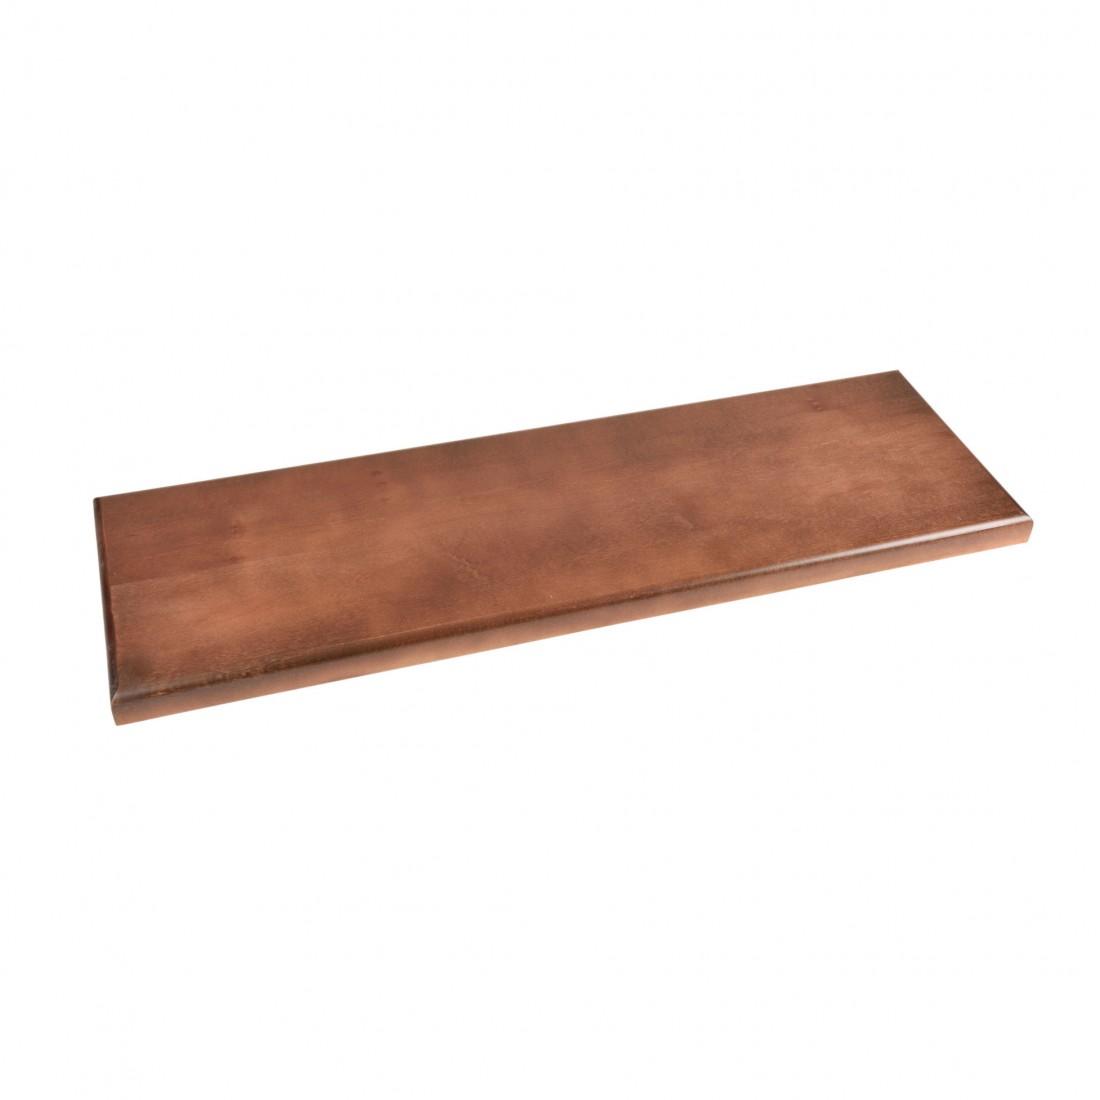 Socles en bois vernis  80x25x3 cm